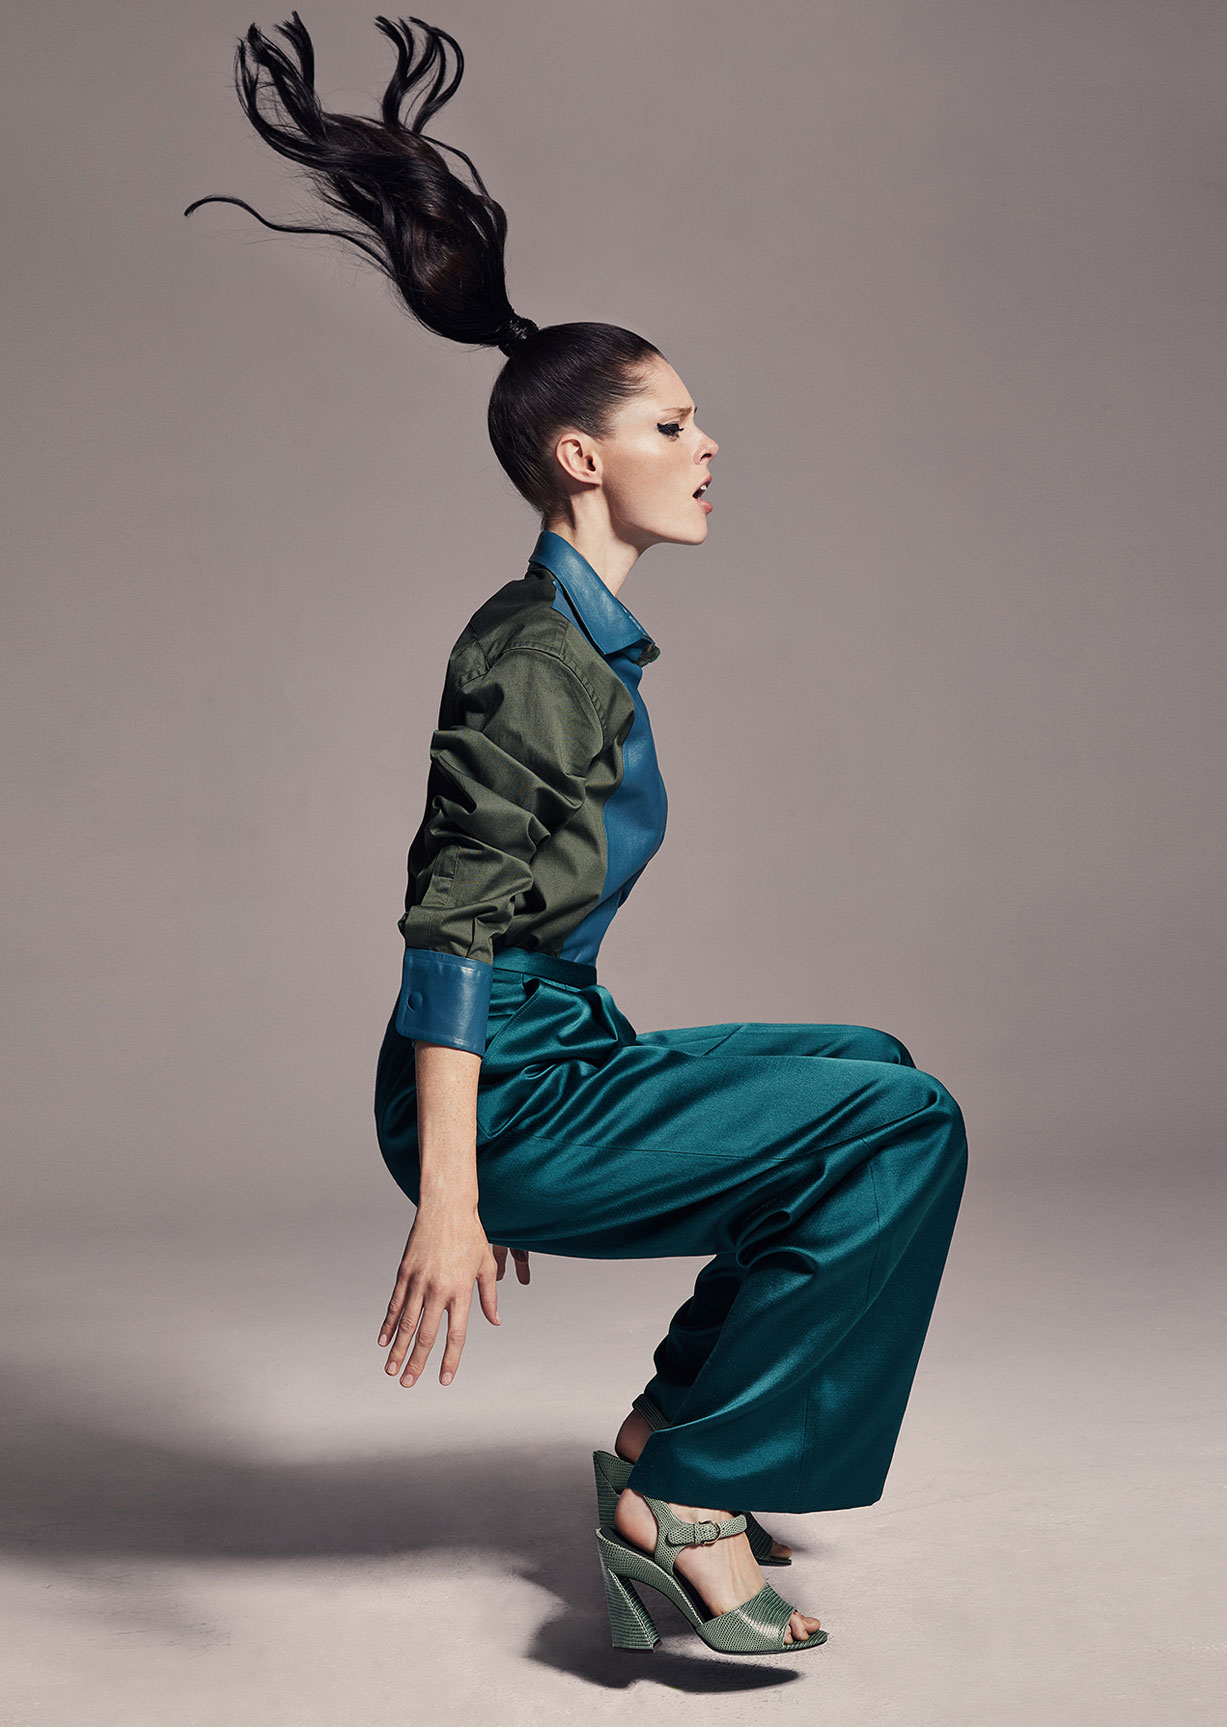 модное дефиле на крыше, модель Коко Роша / фото 06